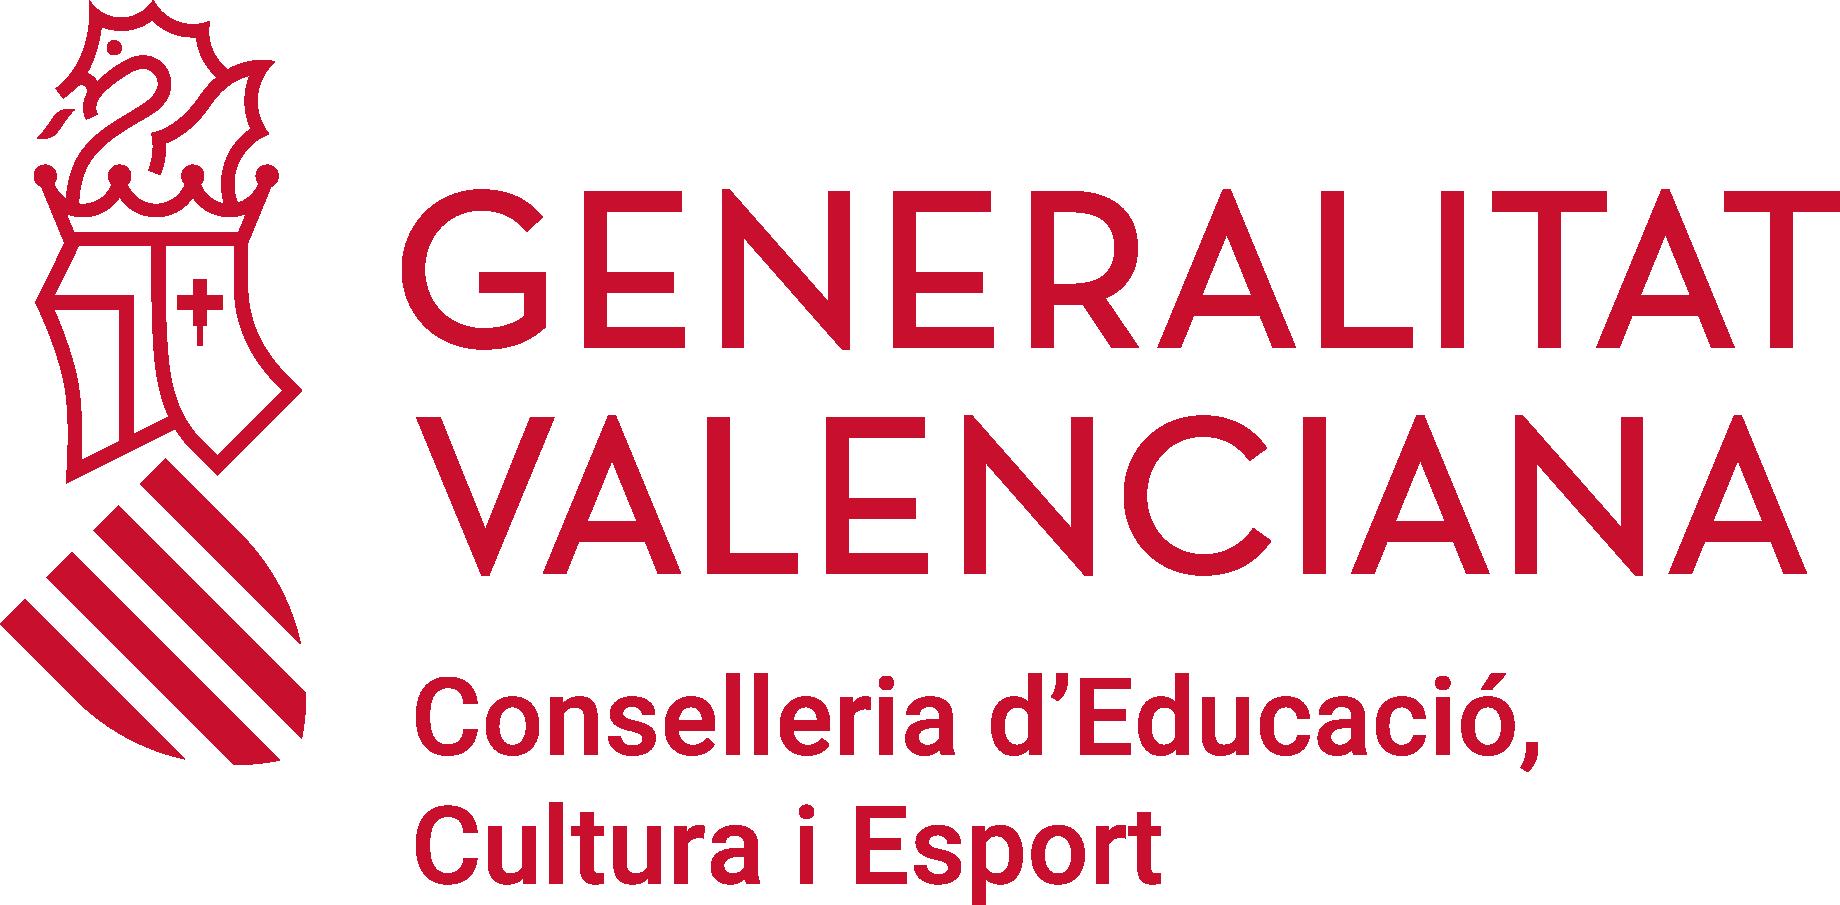 consellería-de-educación-cultura-y-deporte